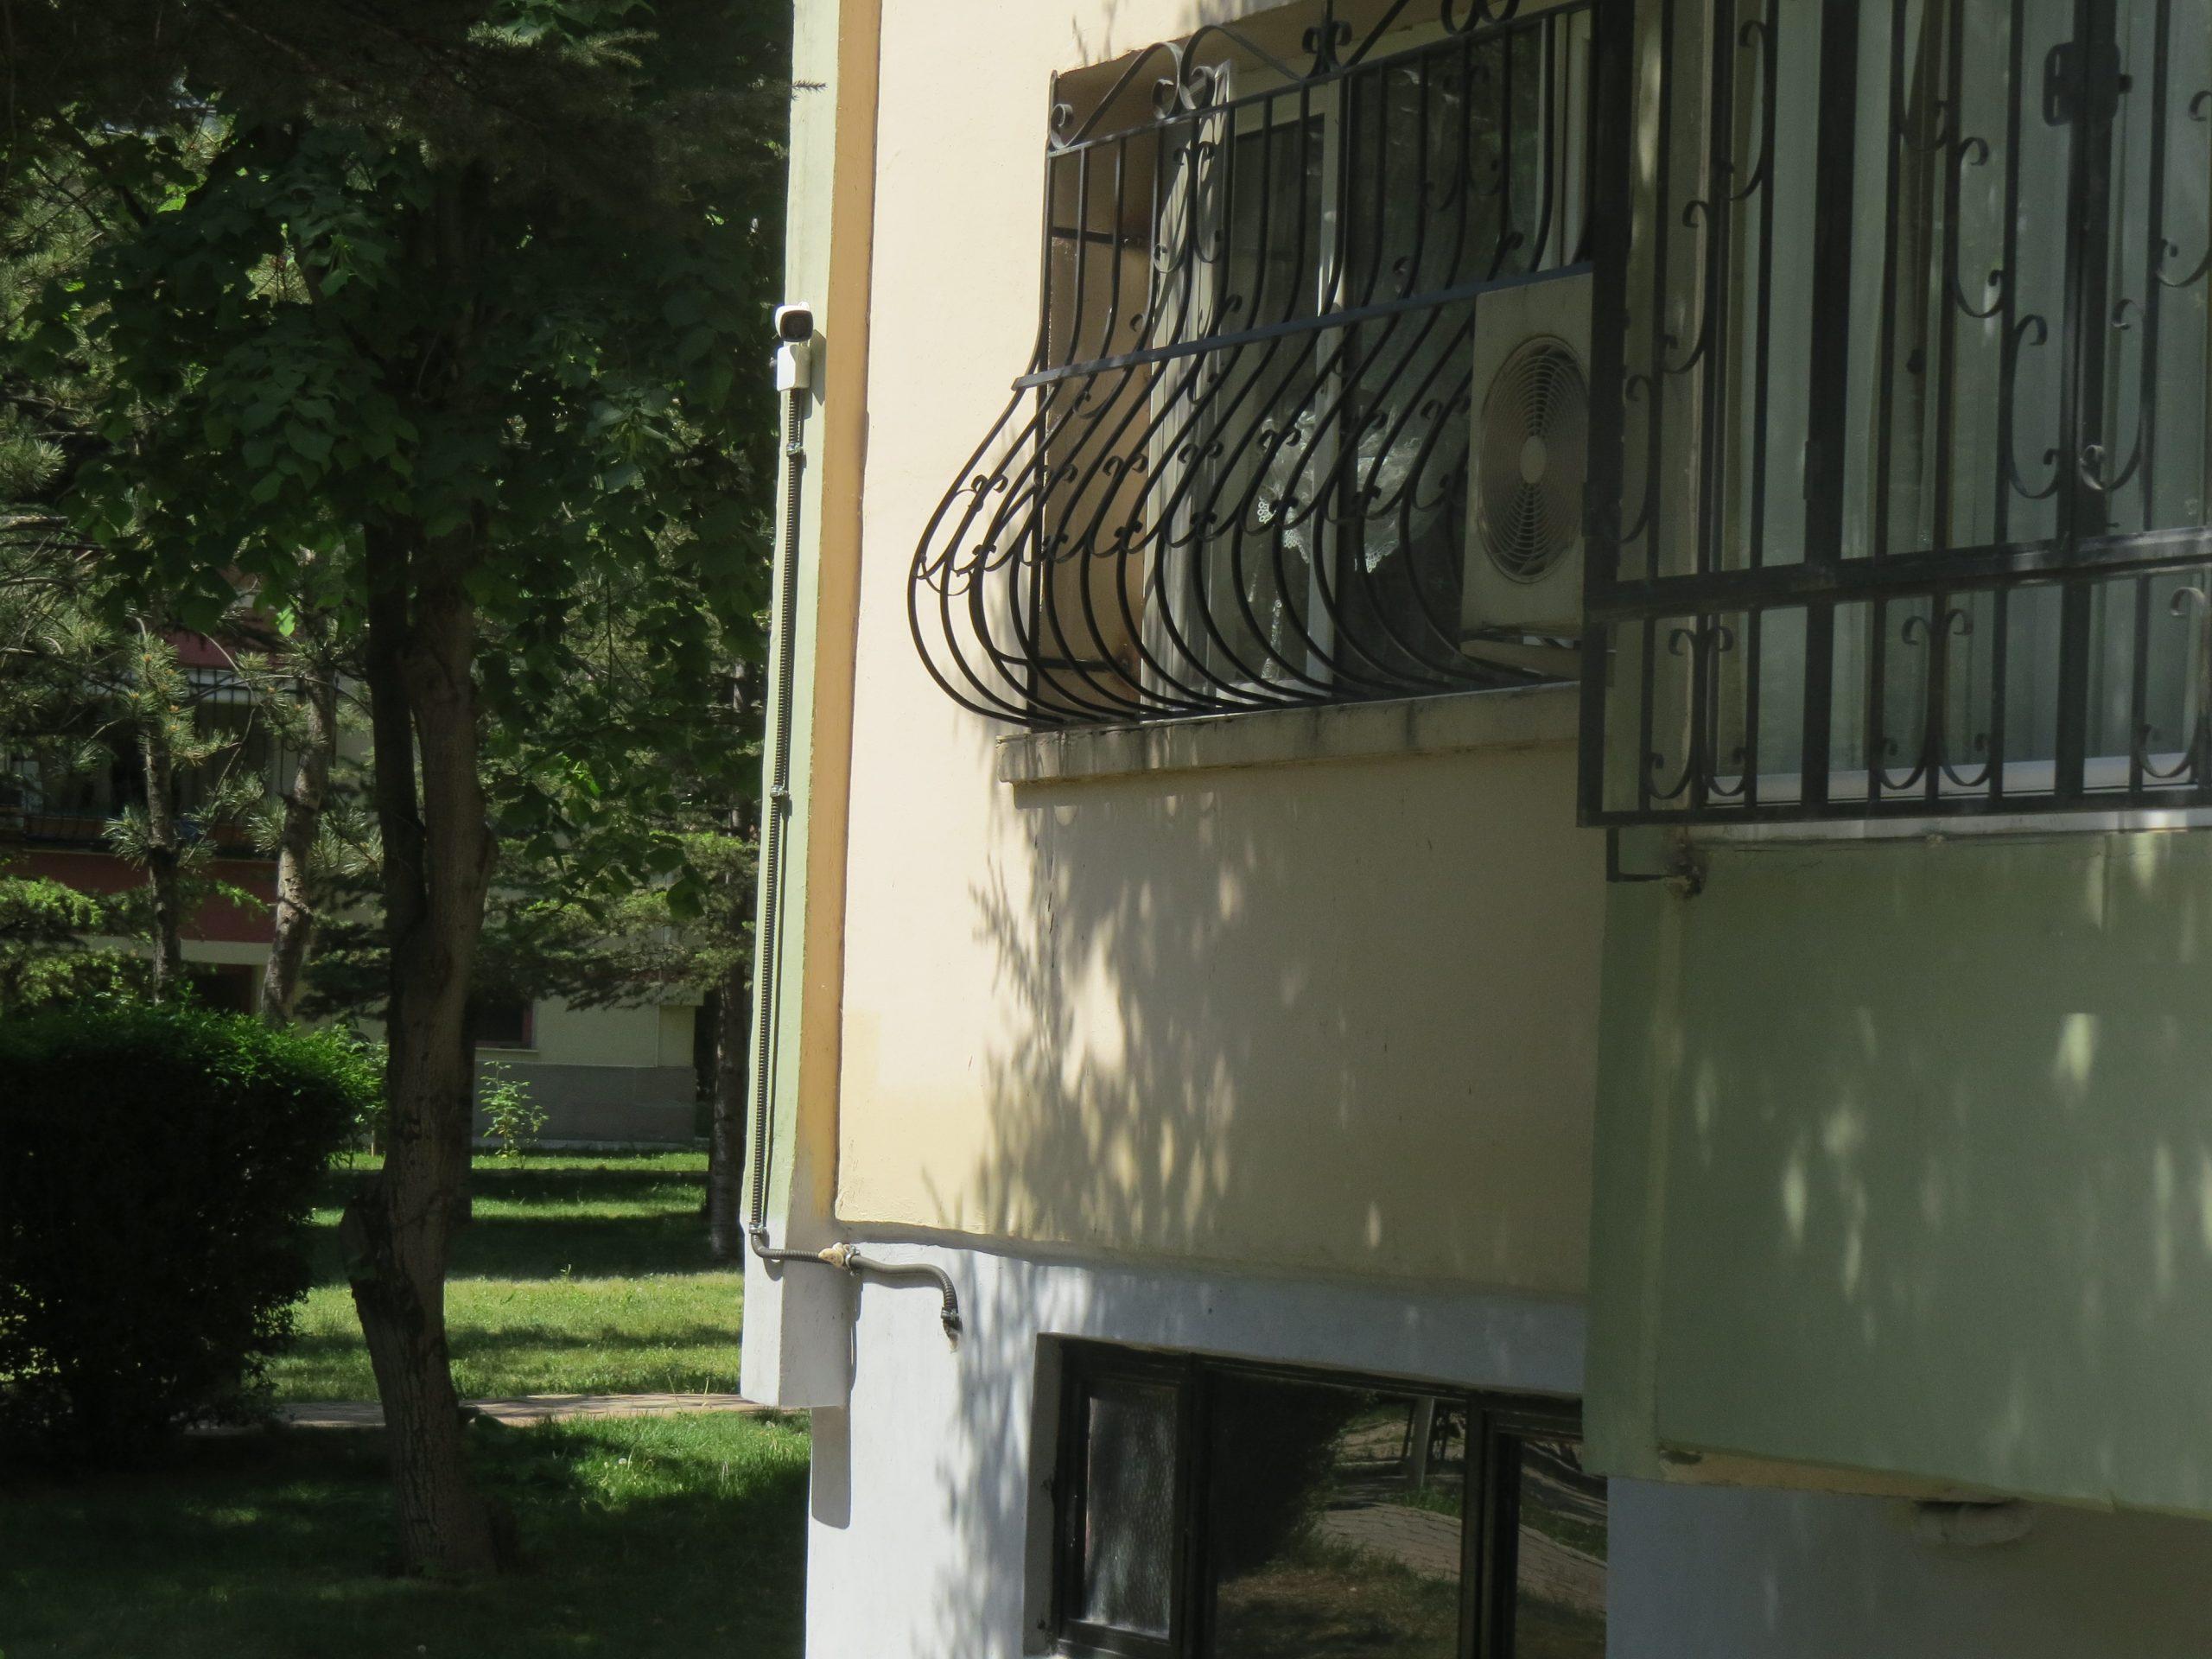 Bina Çevresi Güvenlik Kamerası IMG 5100 scaled